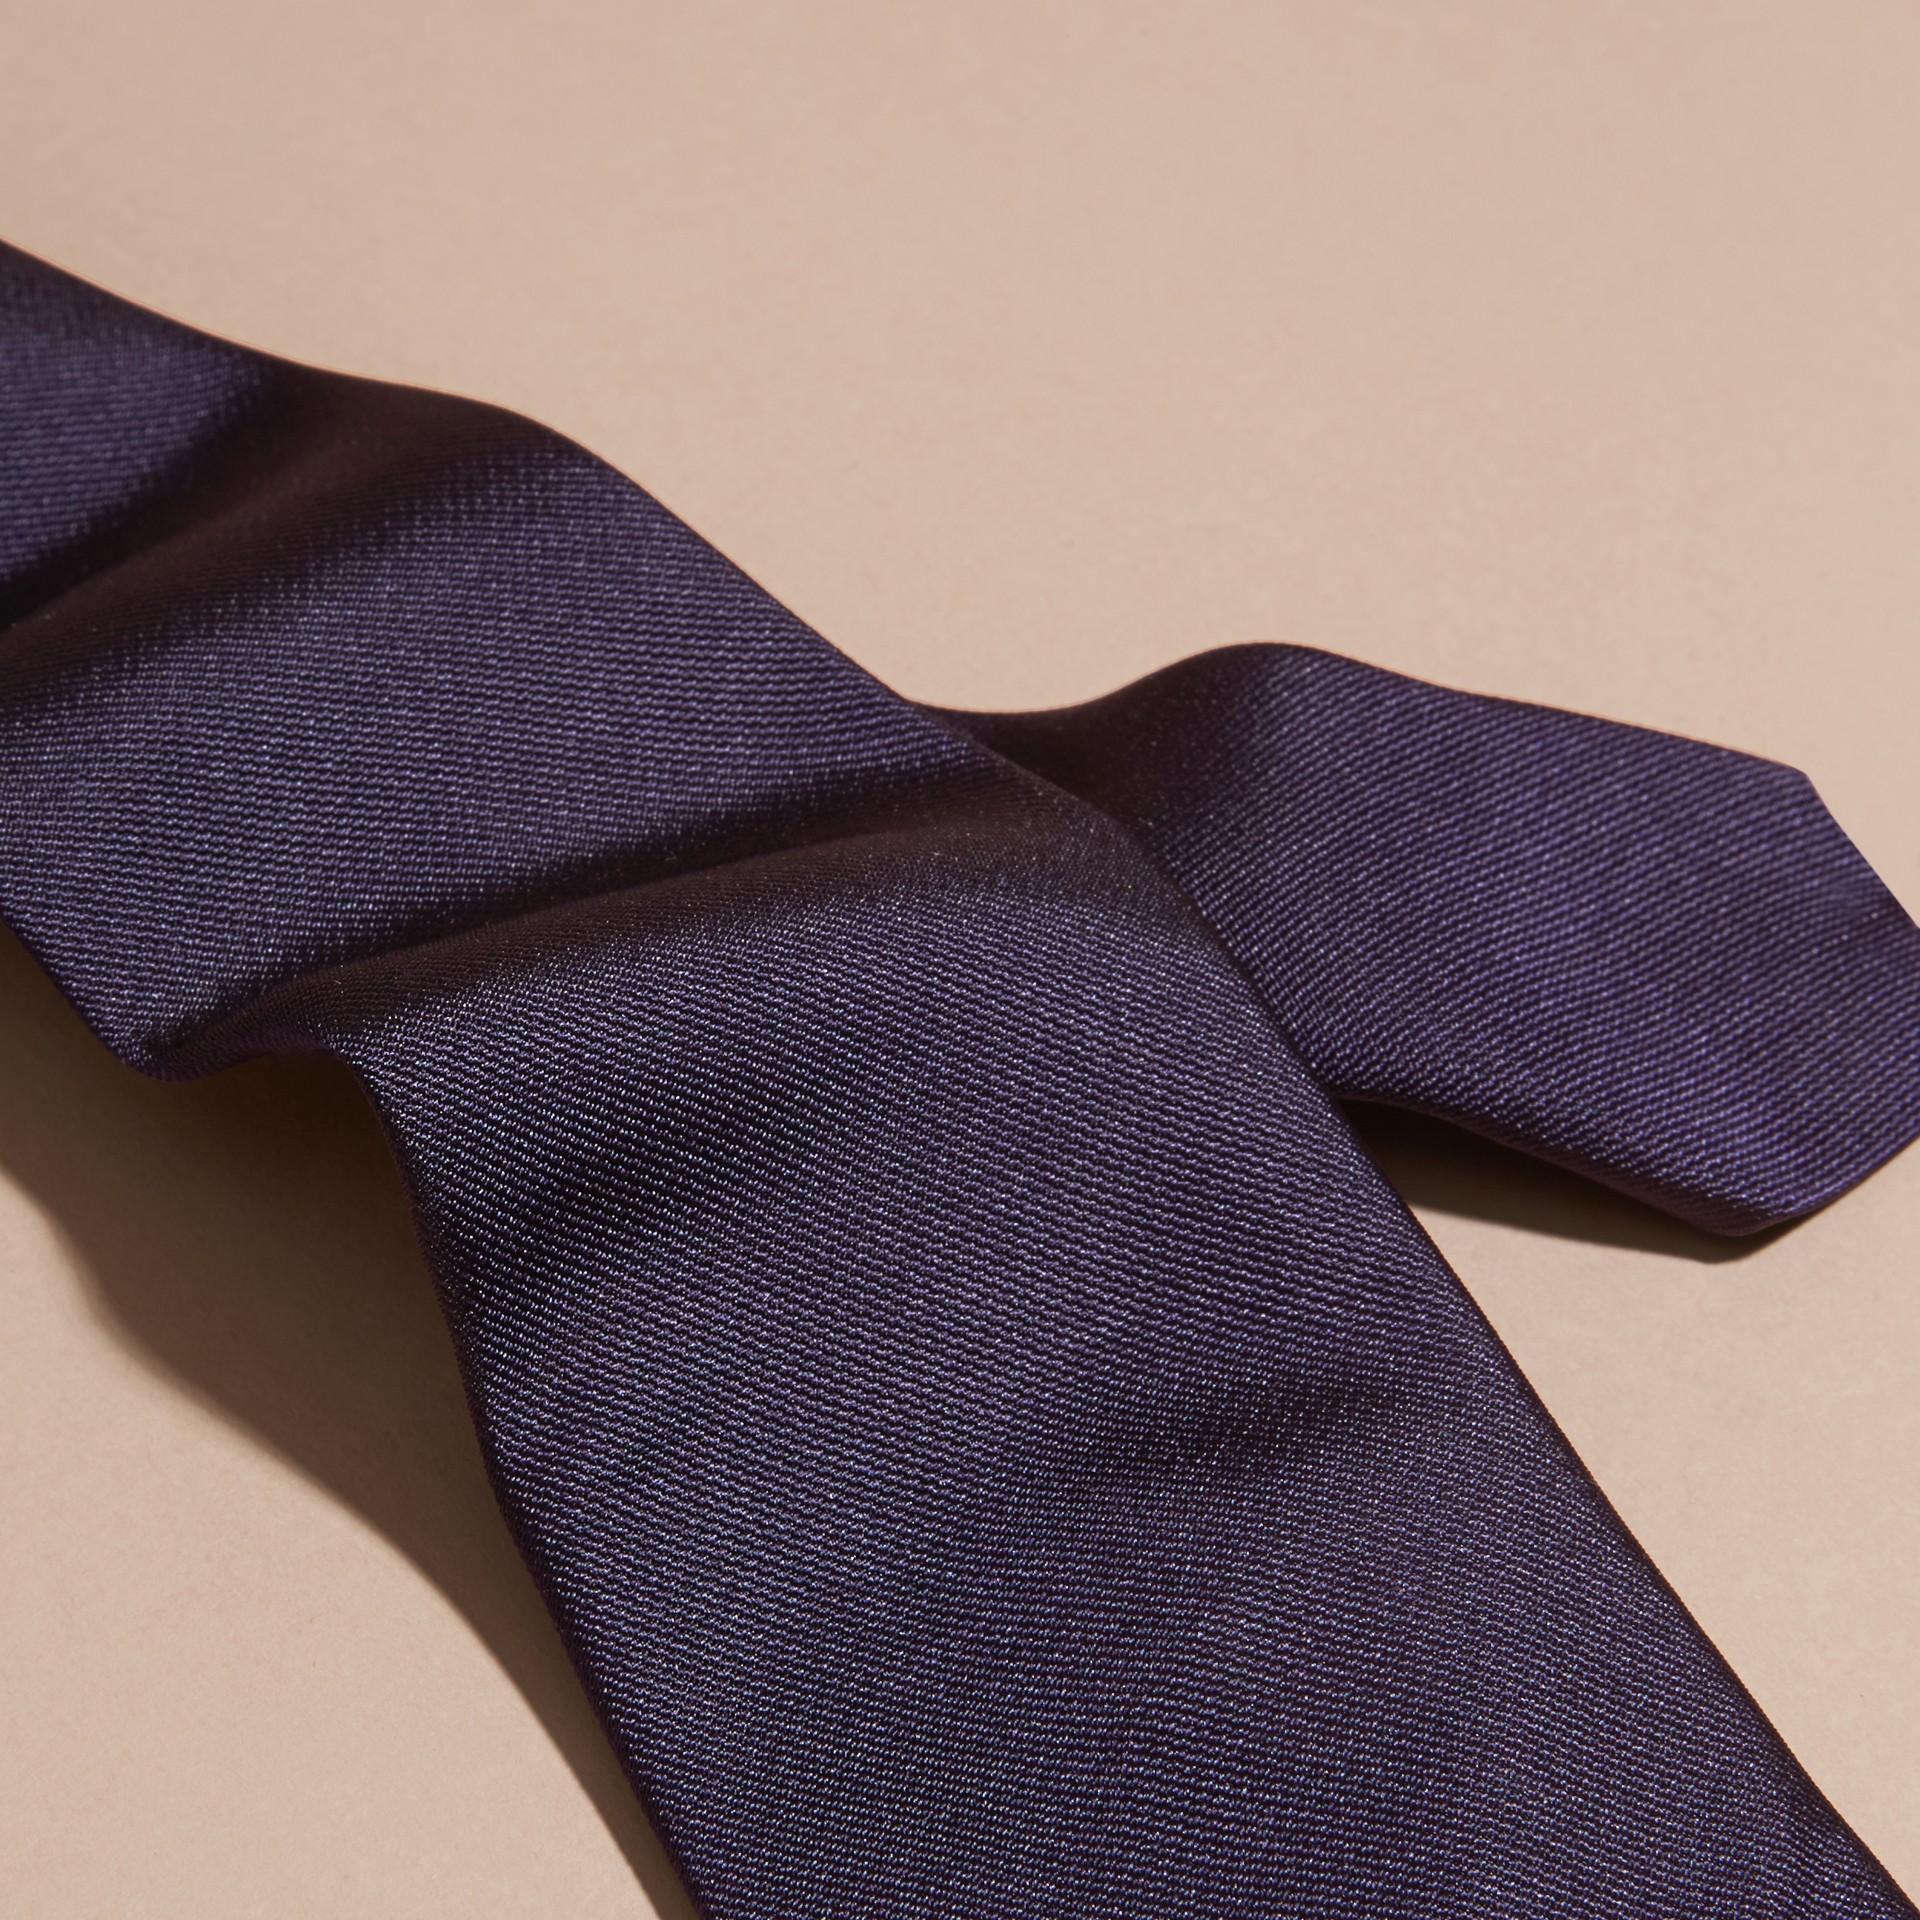 海軍藍 現代剪裁絲質斜紋領帶 海軍藍 - 圖庫照片 2